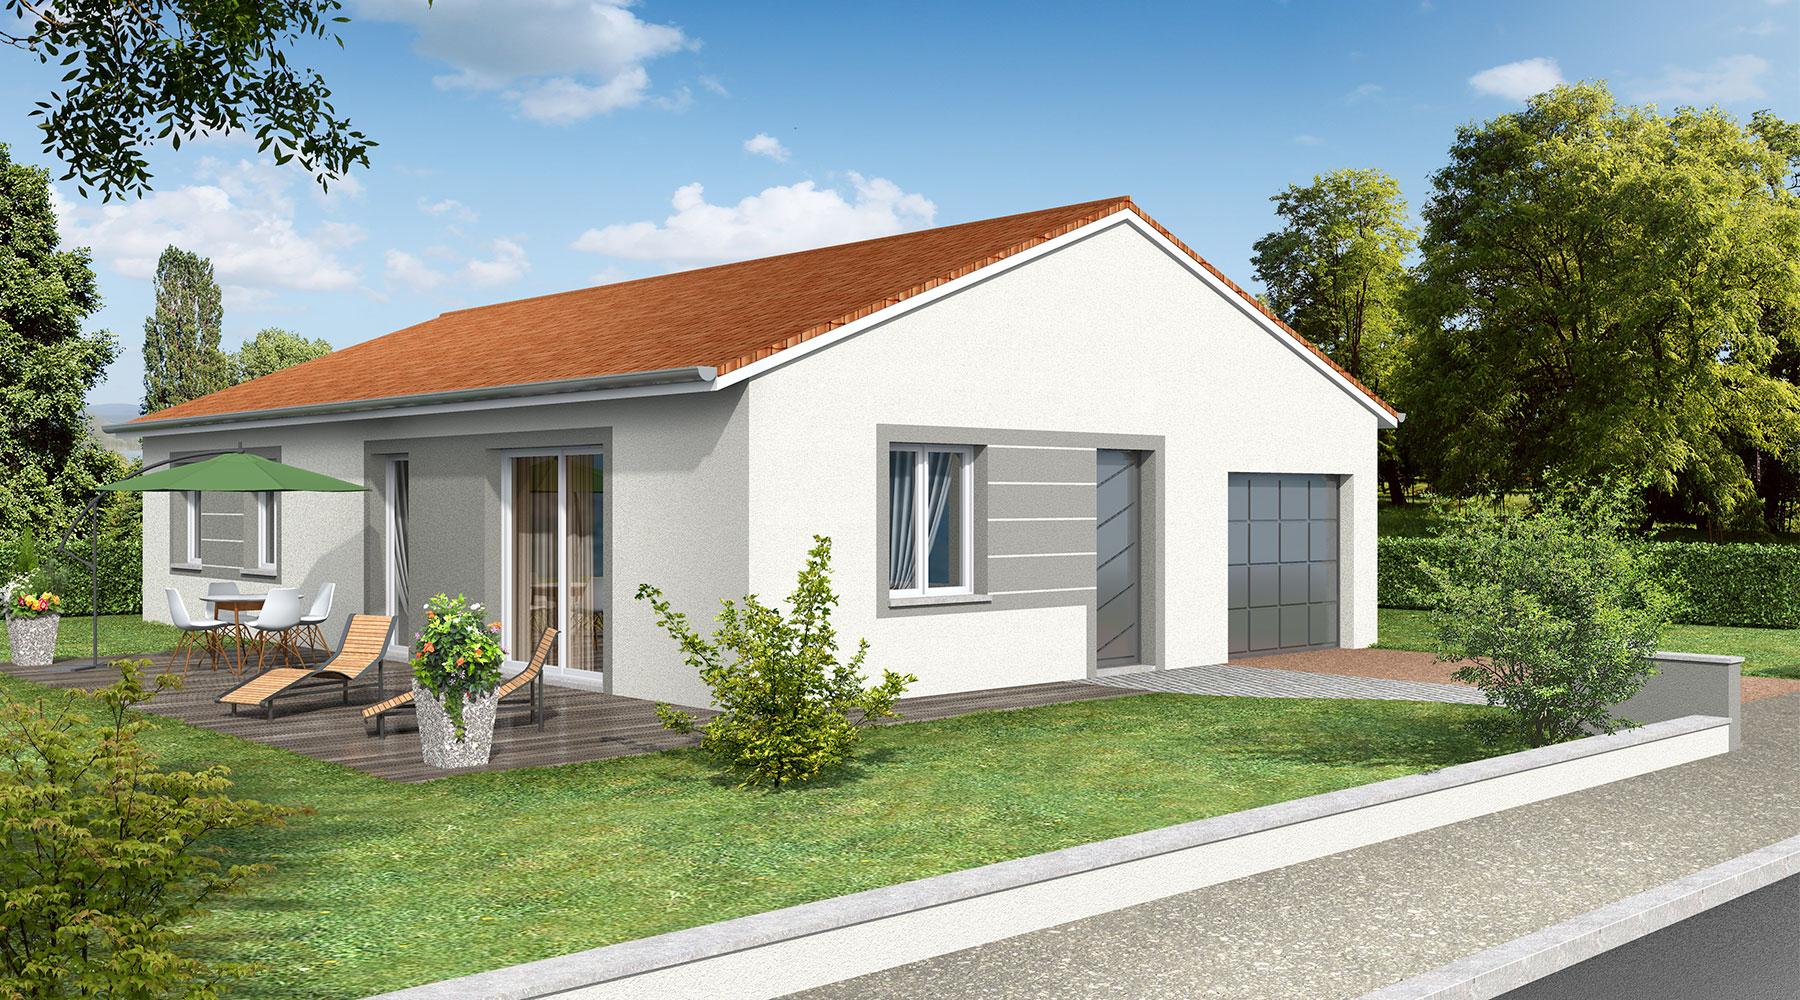 Constructeur maison individuelle roanne for Constructeurs maisons individuelles